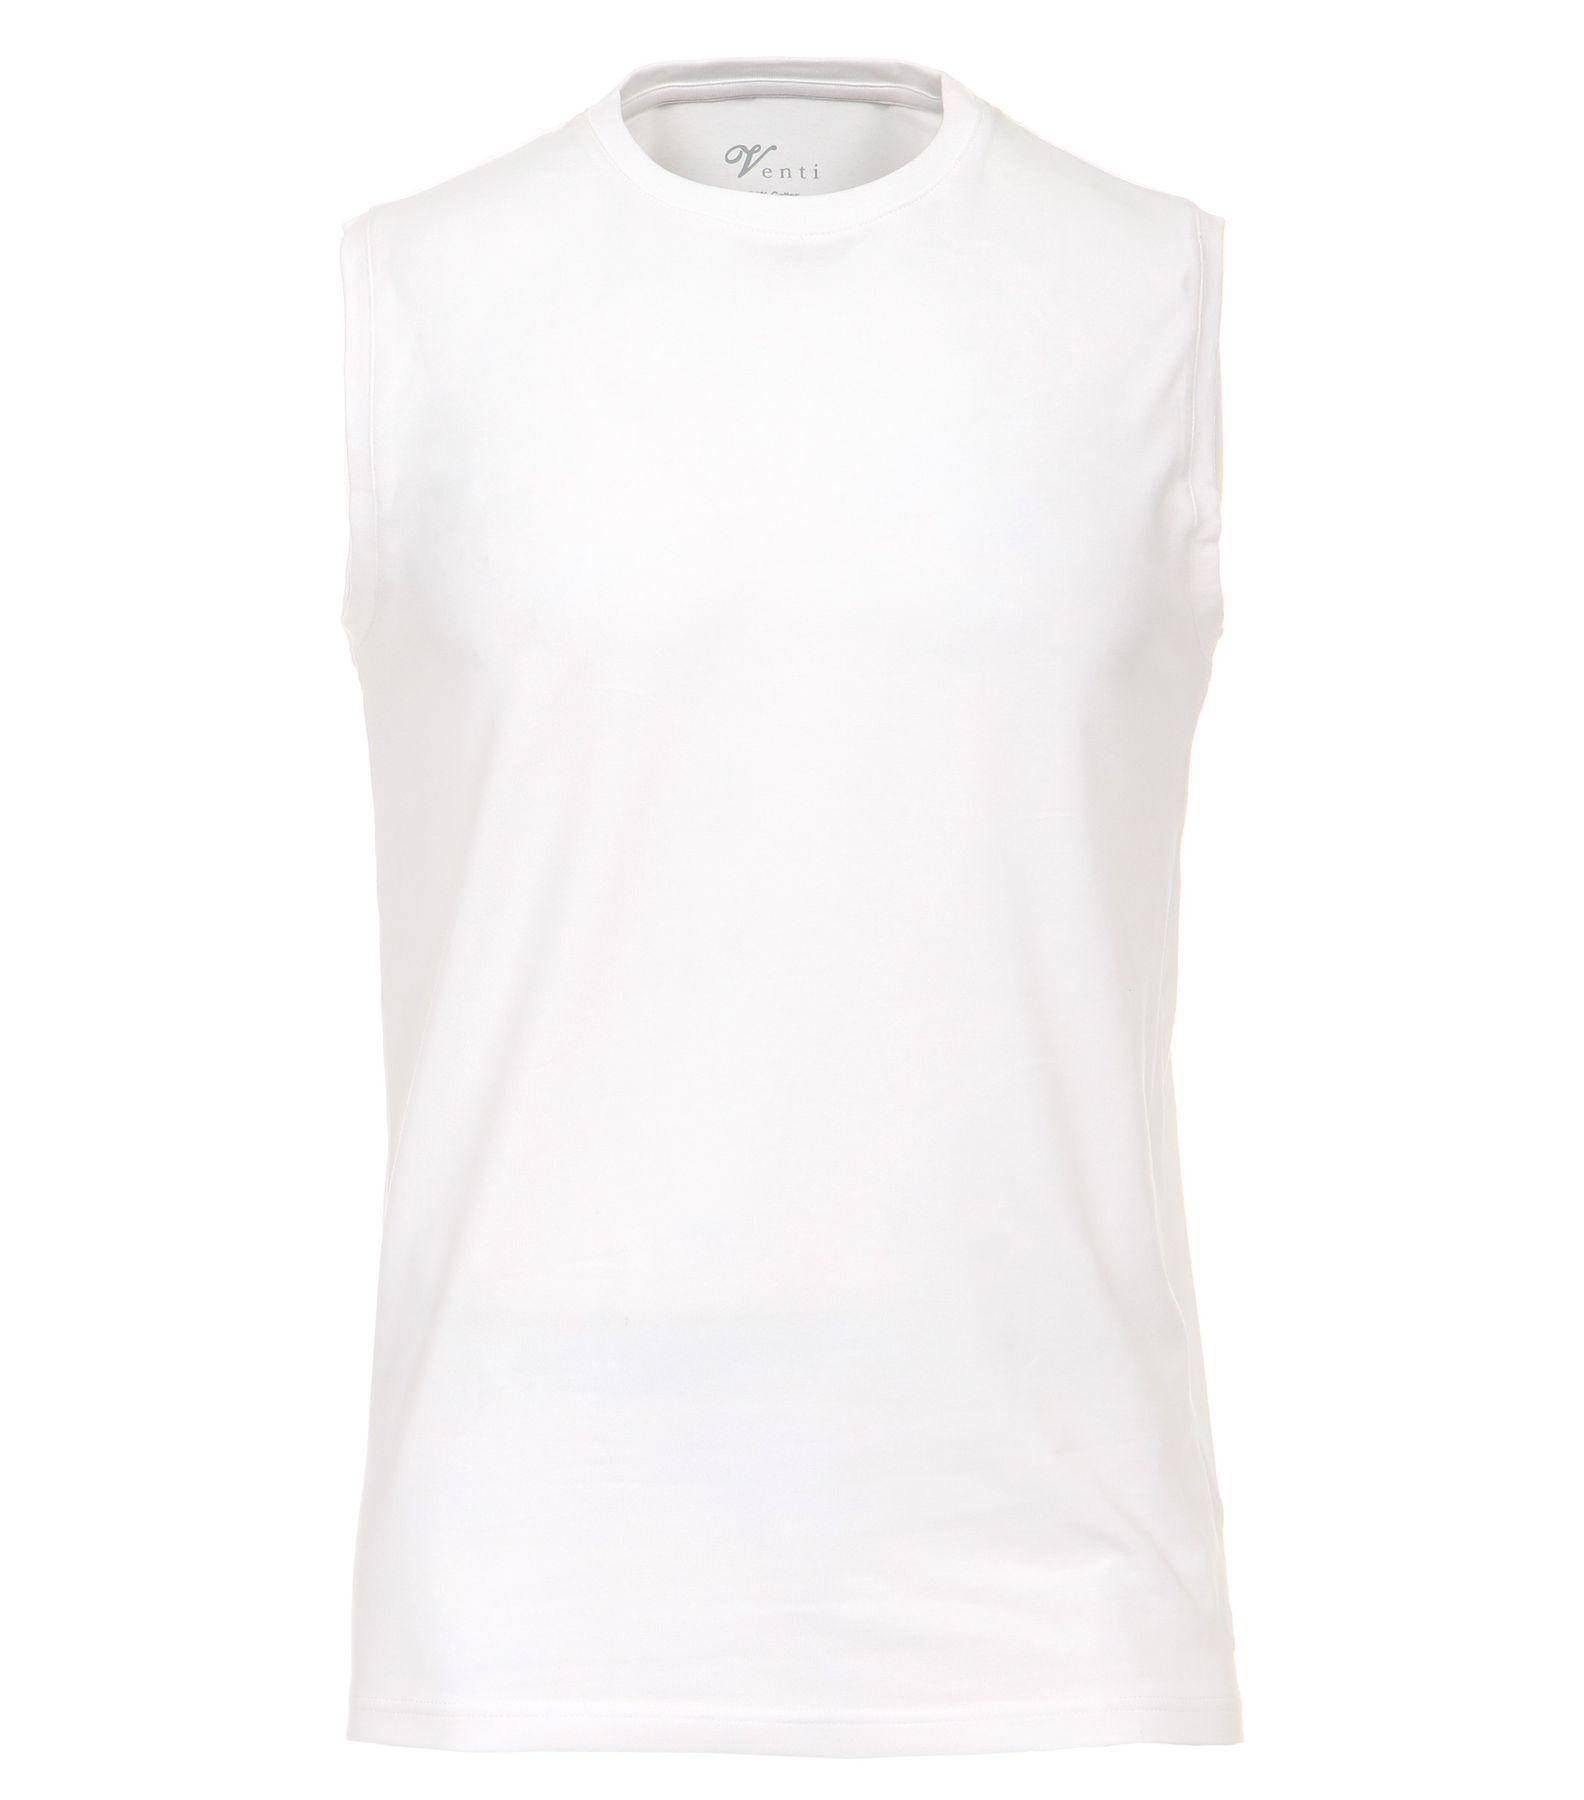 Venti - Slim Fit - Herren Ärmeloses Shirt, Rundhals im 2er Pack, schwarz oder weiß (001750) – Bild 1